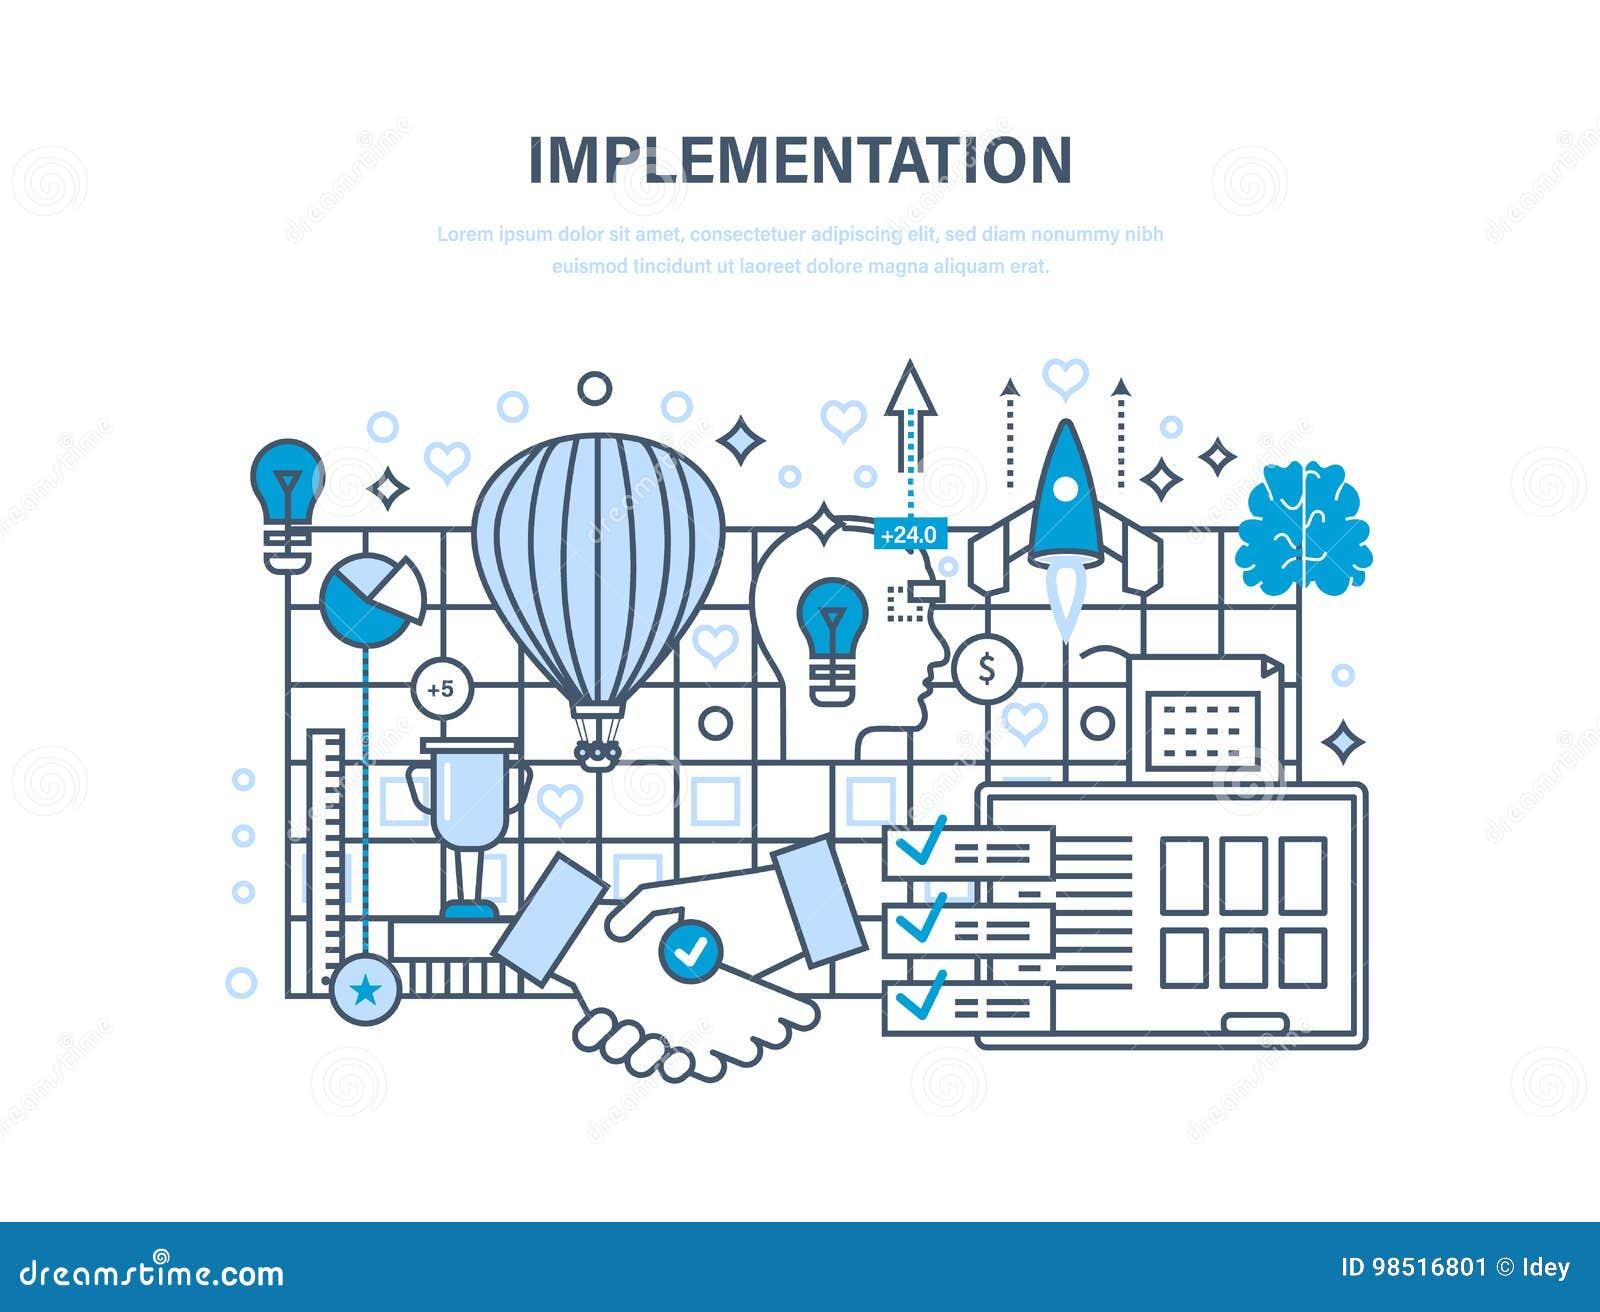 Durchführungskonzept Realisierung von Ideen, von Partnerschaft und von Zusammenarbeit, Vision, Schaffung